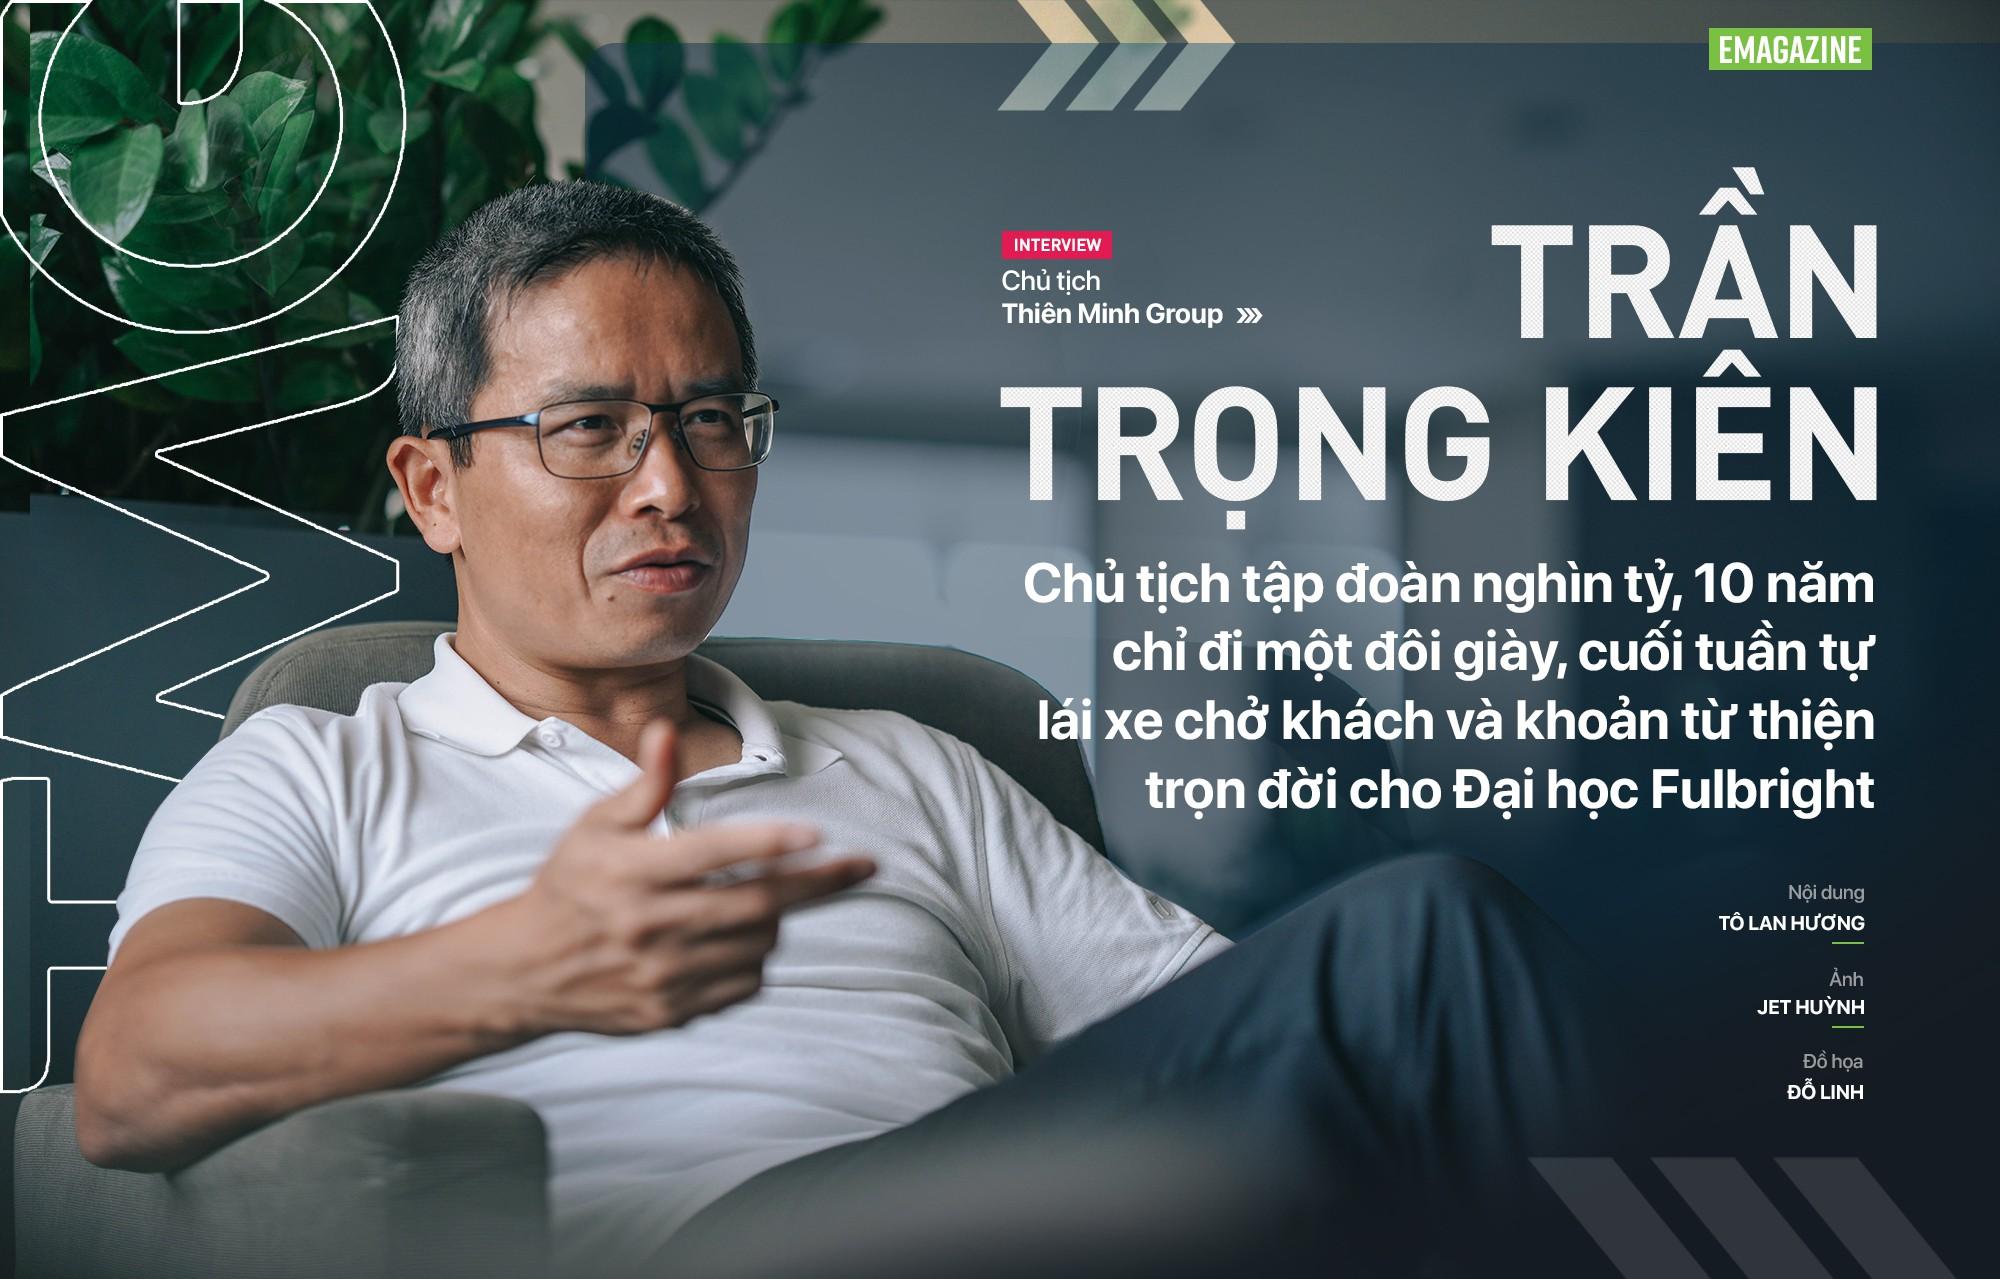 Tập đoàn Thiên Minh (TMG) vừa công bố khoản đầu tư hơn 32 triệu USD cho 5 khách sạn